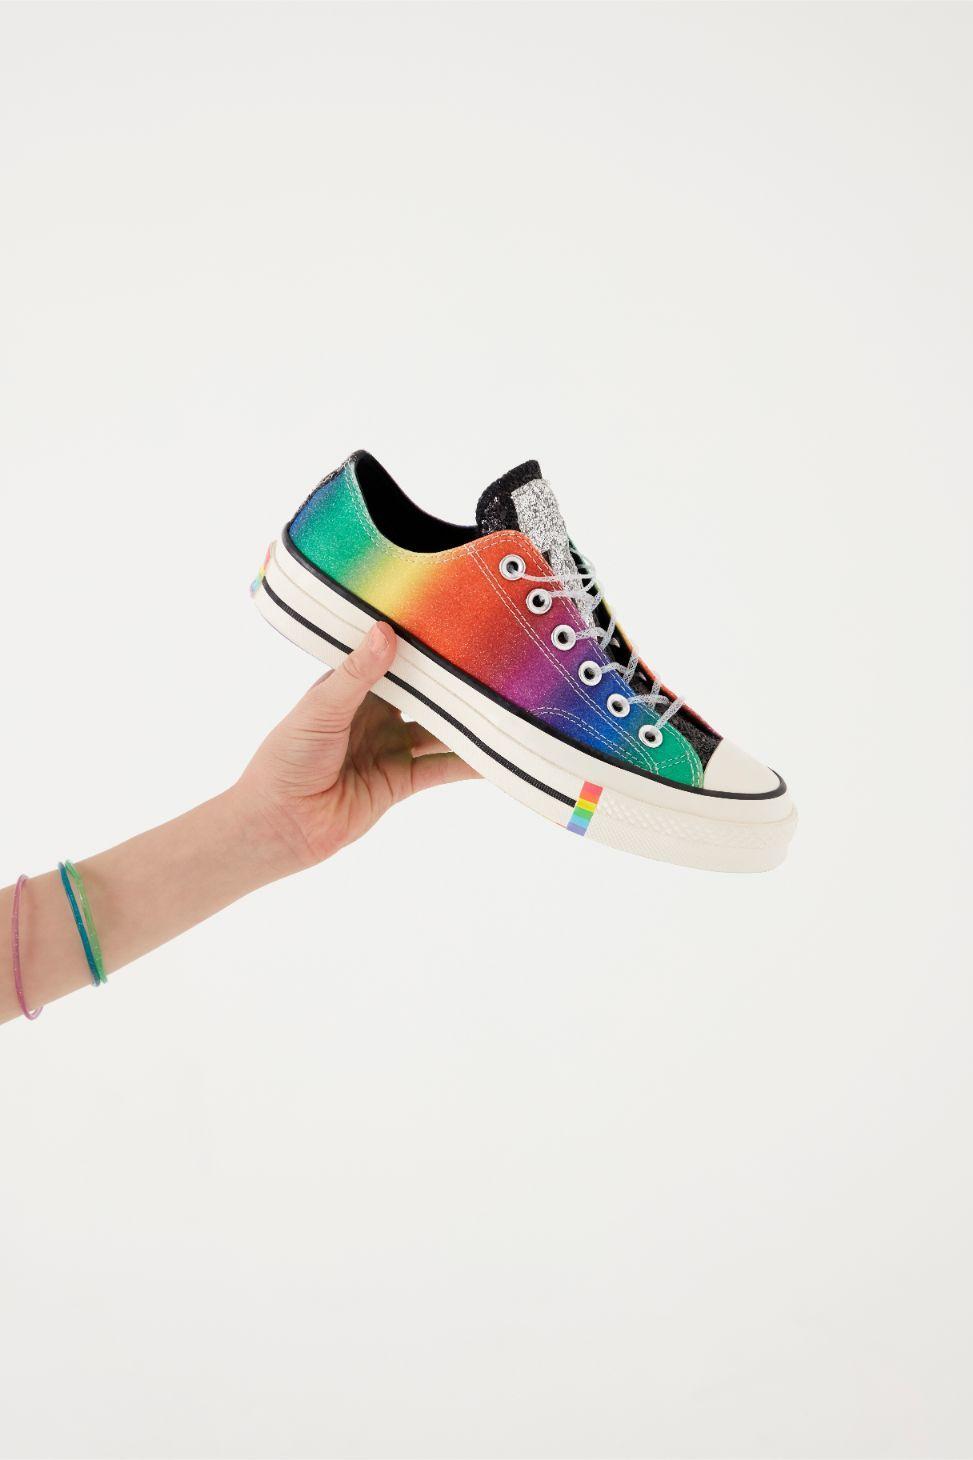 converse pride edition 2019